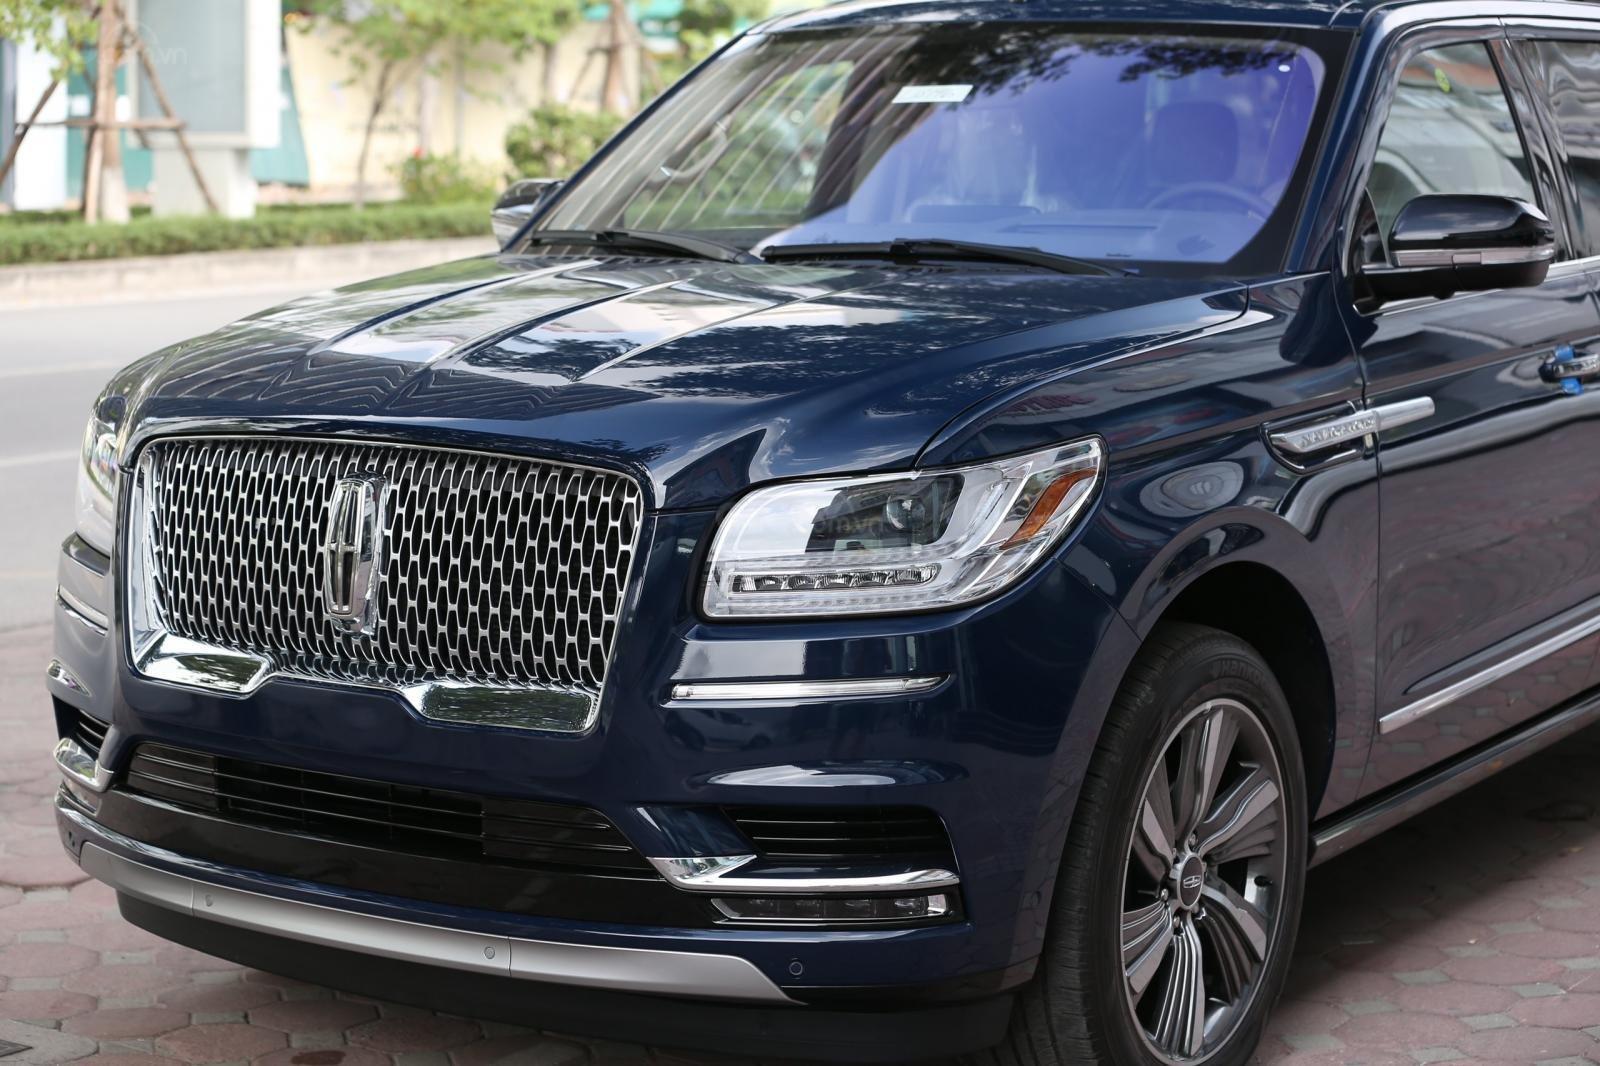 Cần bán Lincoln Navigator L năm sản xuất 2019, màu xanh lam, xe nhập Mỹ mới 100% (20)